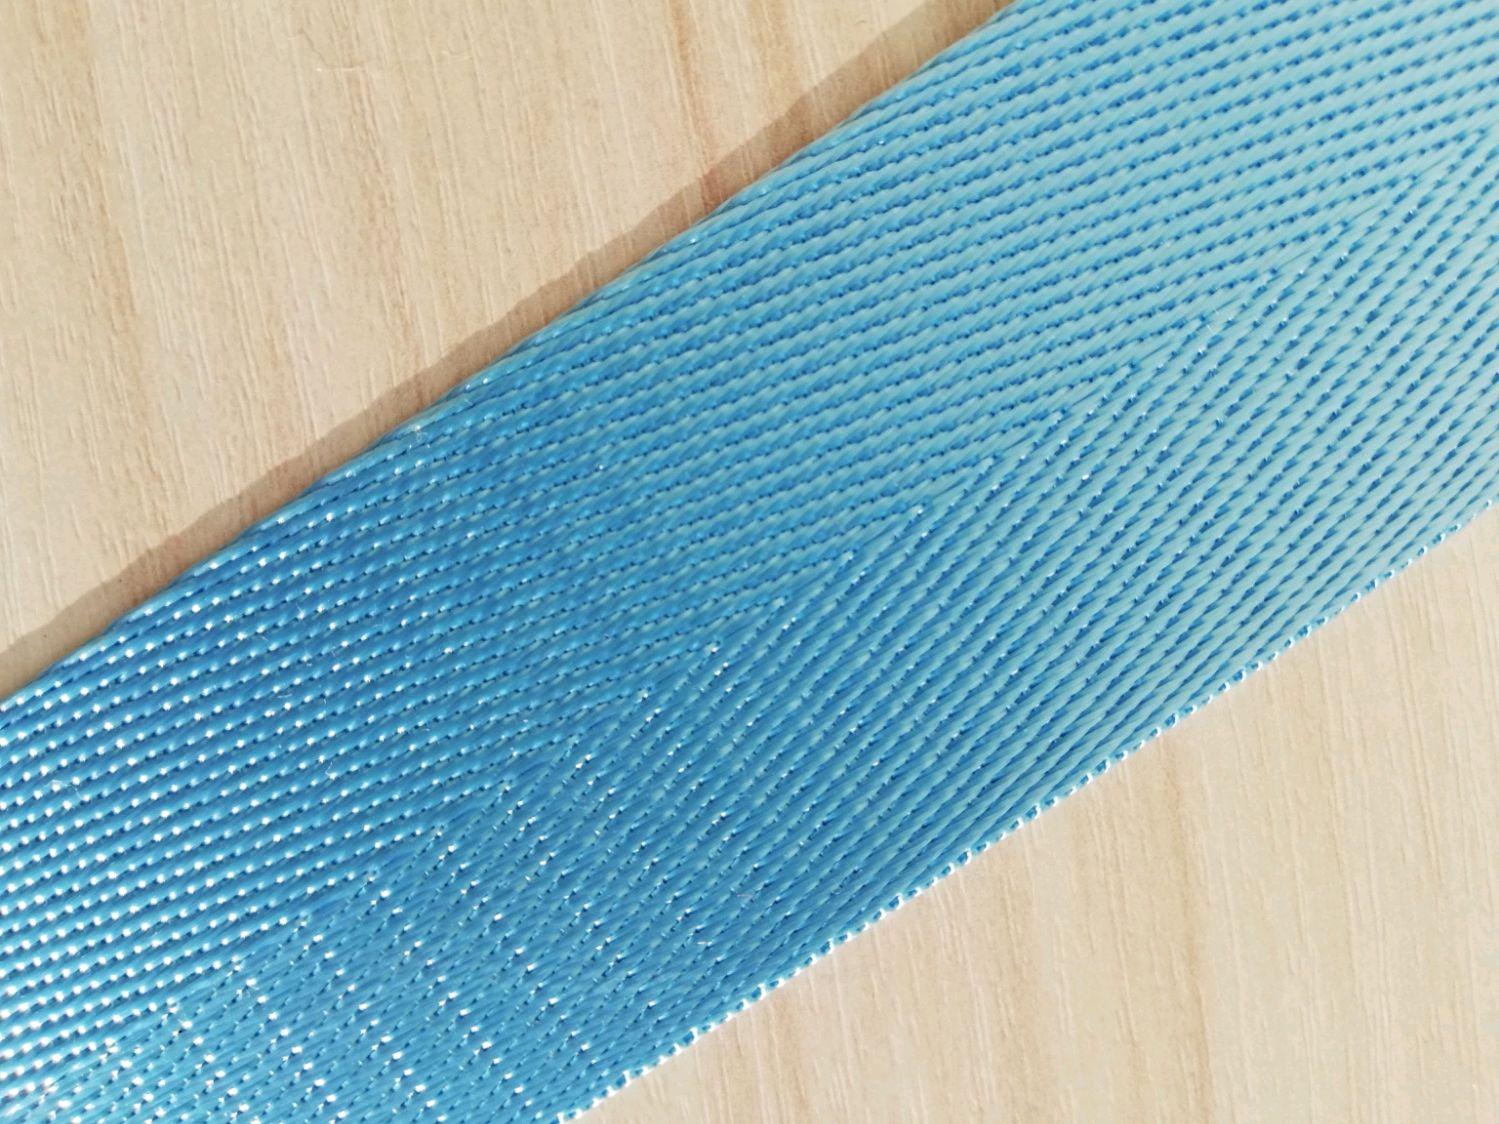 Стропа ременная. Лента киперная 38 мм. Цвет Небесно-голубой, Отделка для шитья, Сочи,  Фото №1